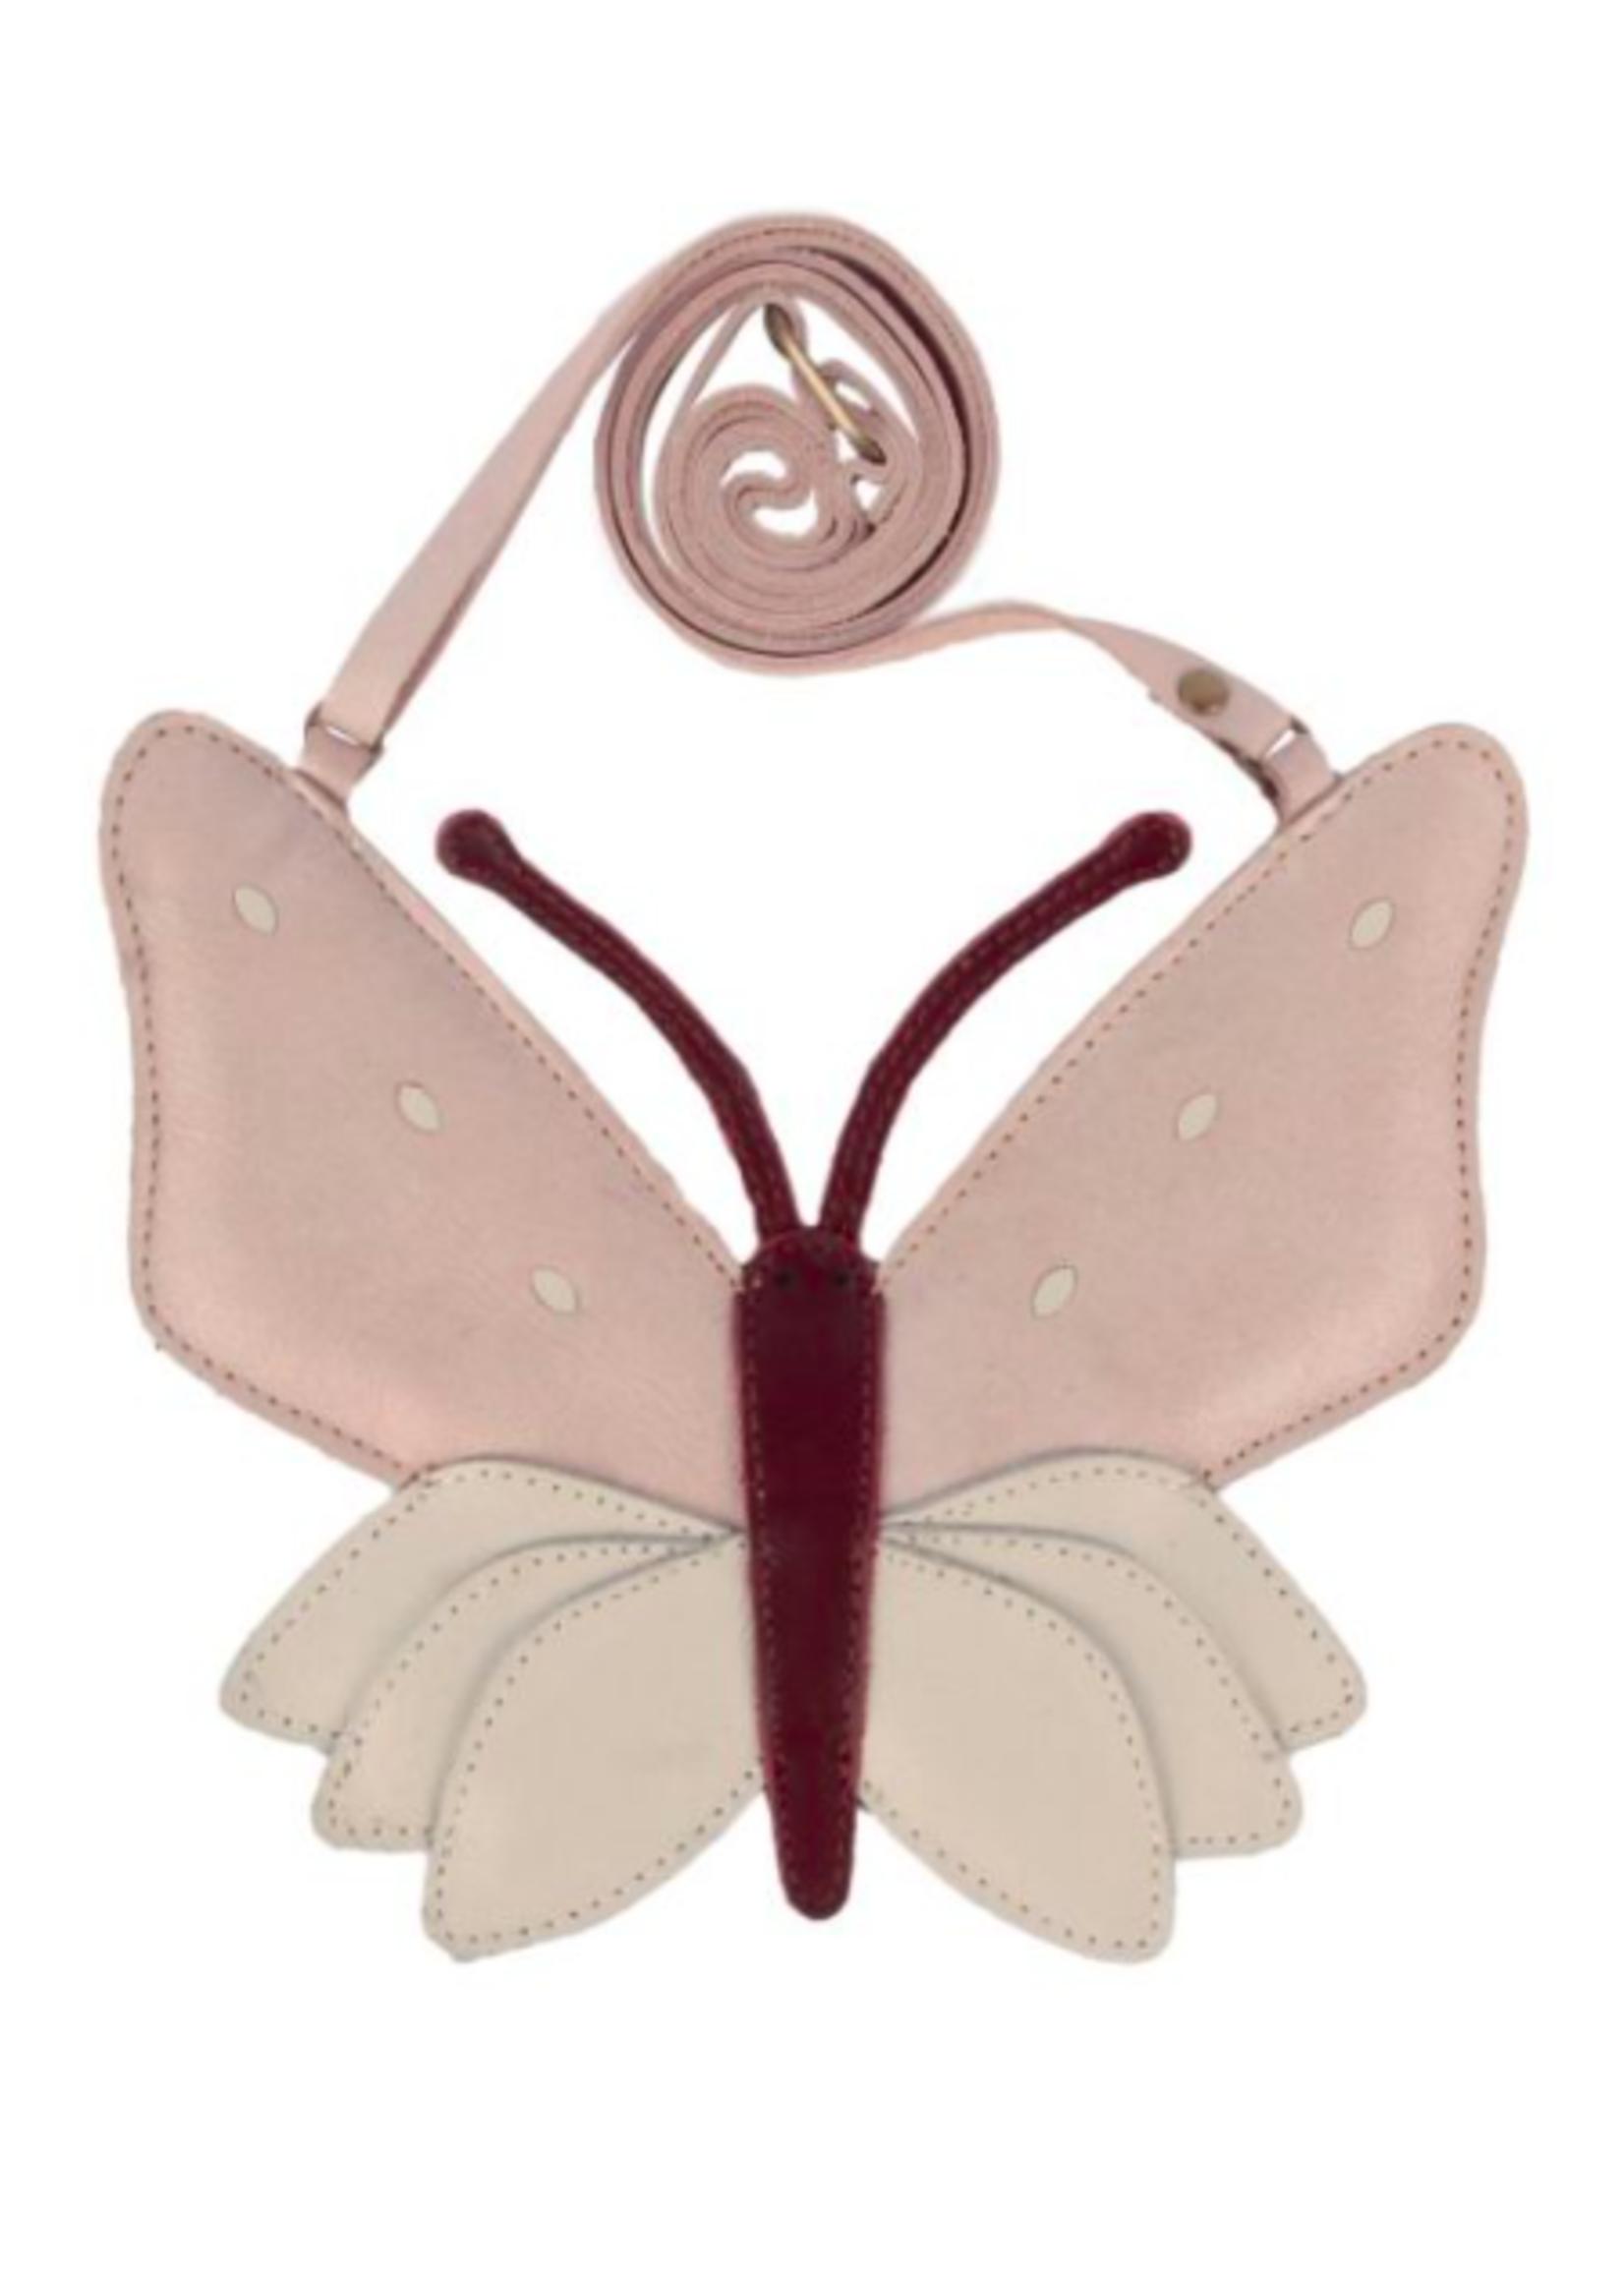 Donsje Amsterdam Toto Purse - Butterfly